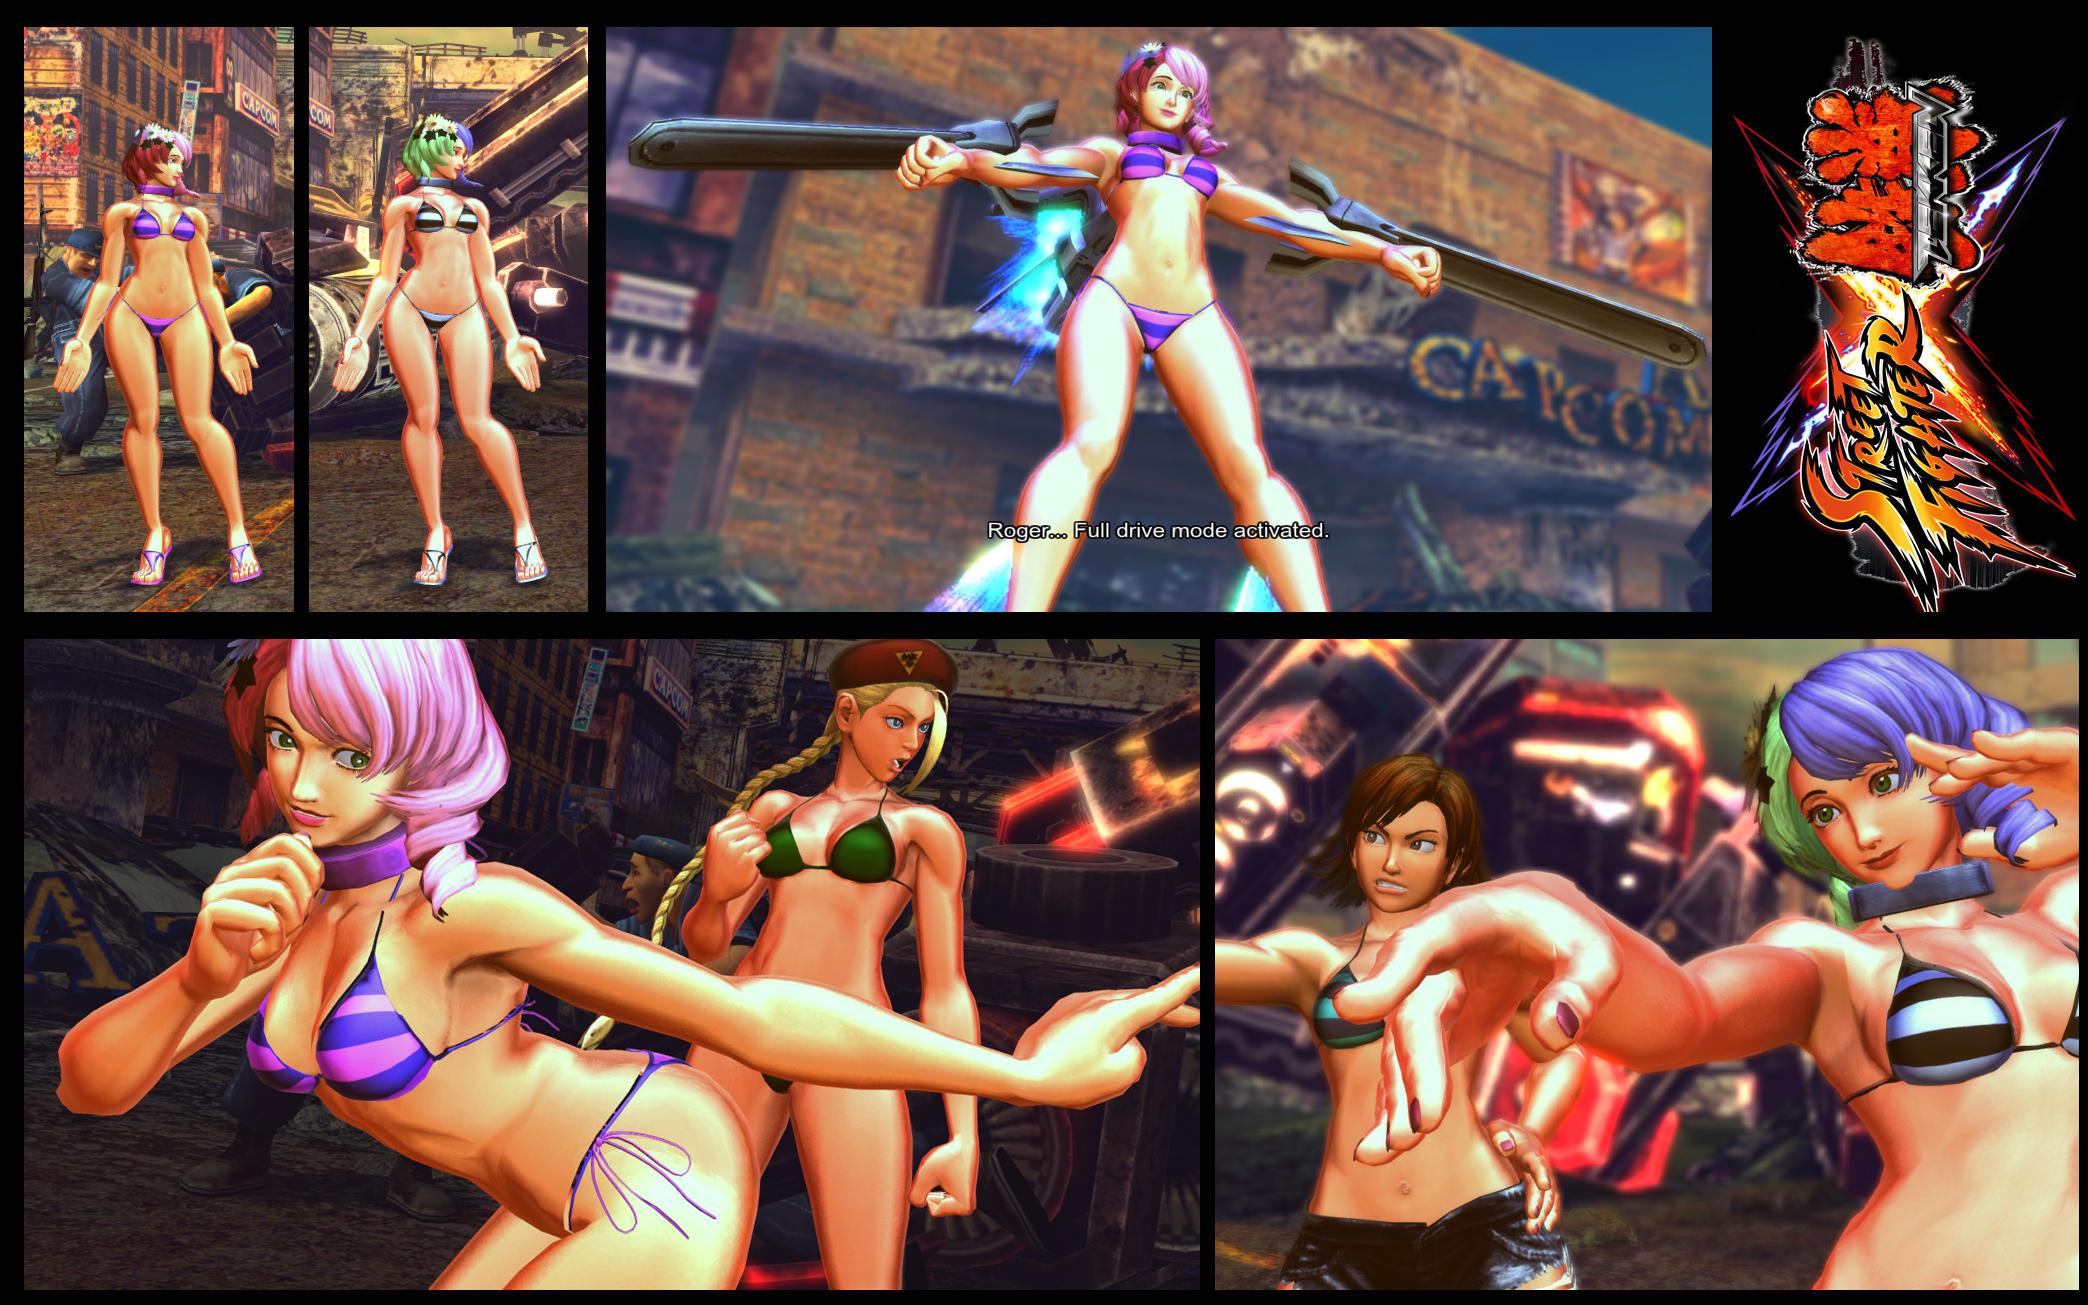 Street fighter vs tekken porn naked videos